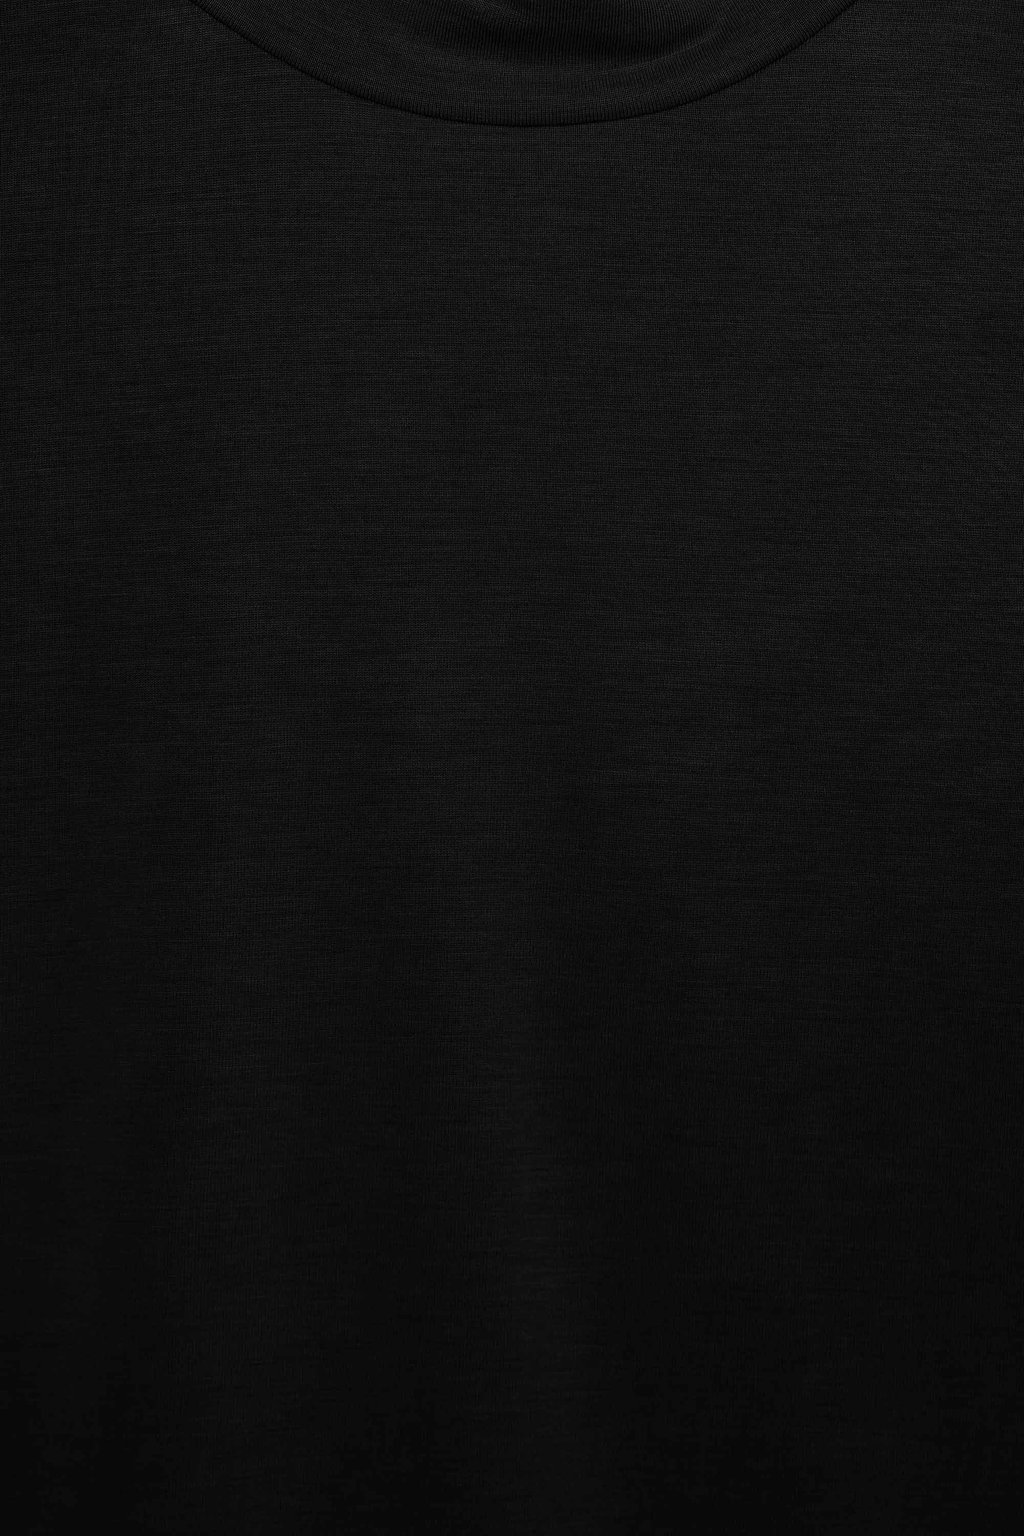 TShirt 13702019 Black 10